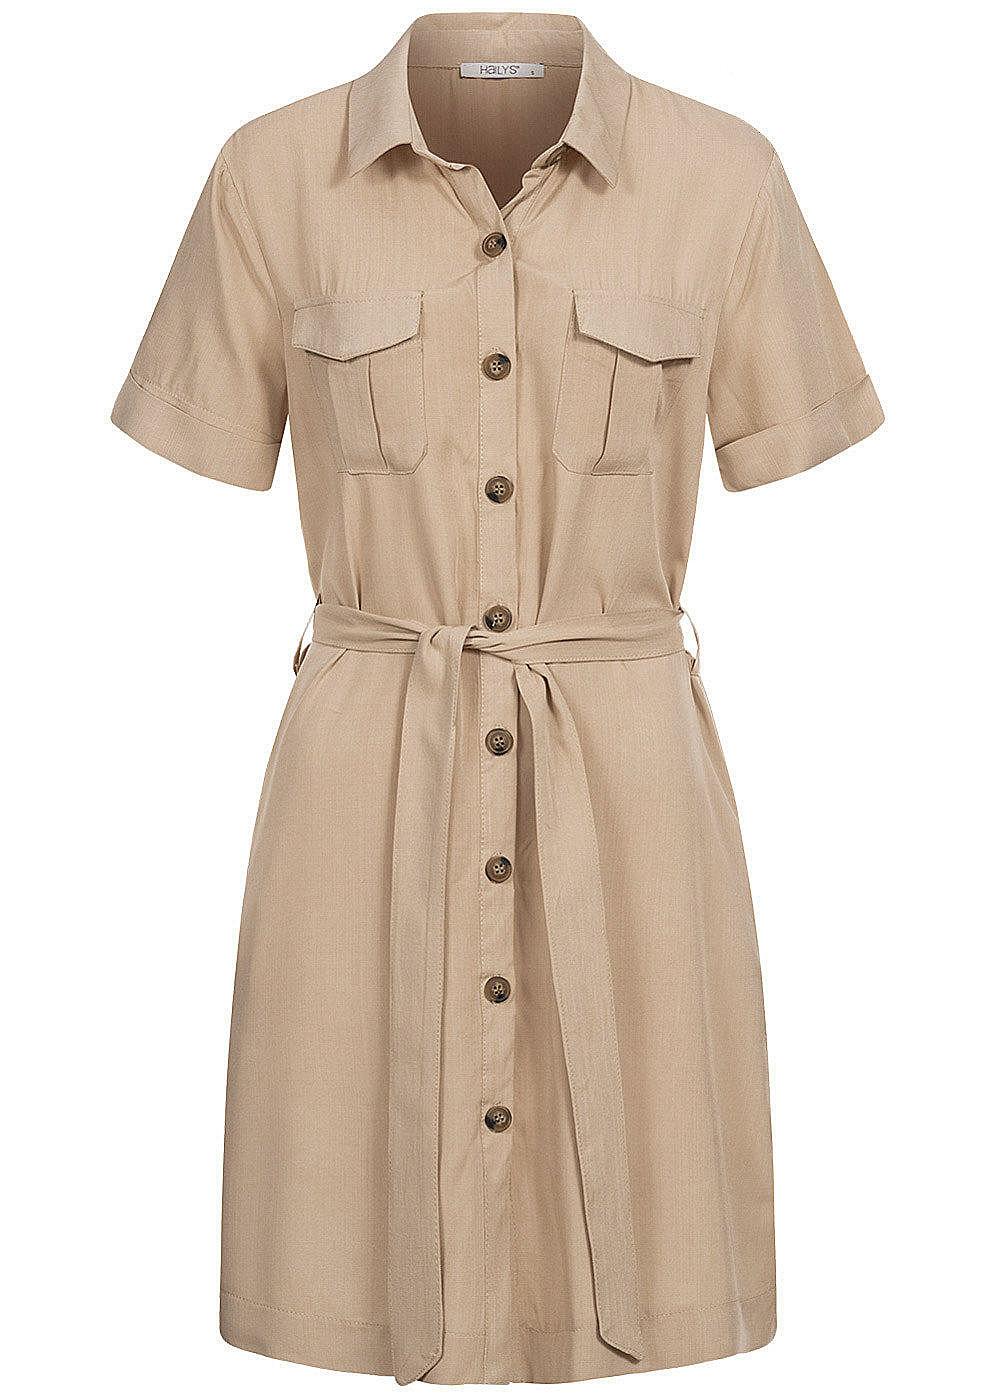 Hailys Damen Blusen Kleid inkl Bindegürtel Knopfleiste 13-Pockets beige